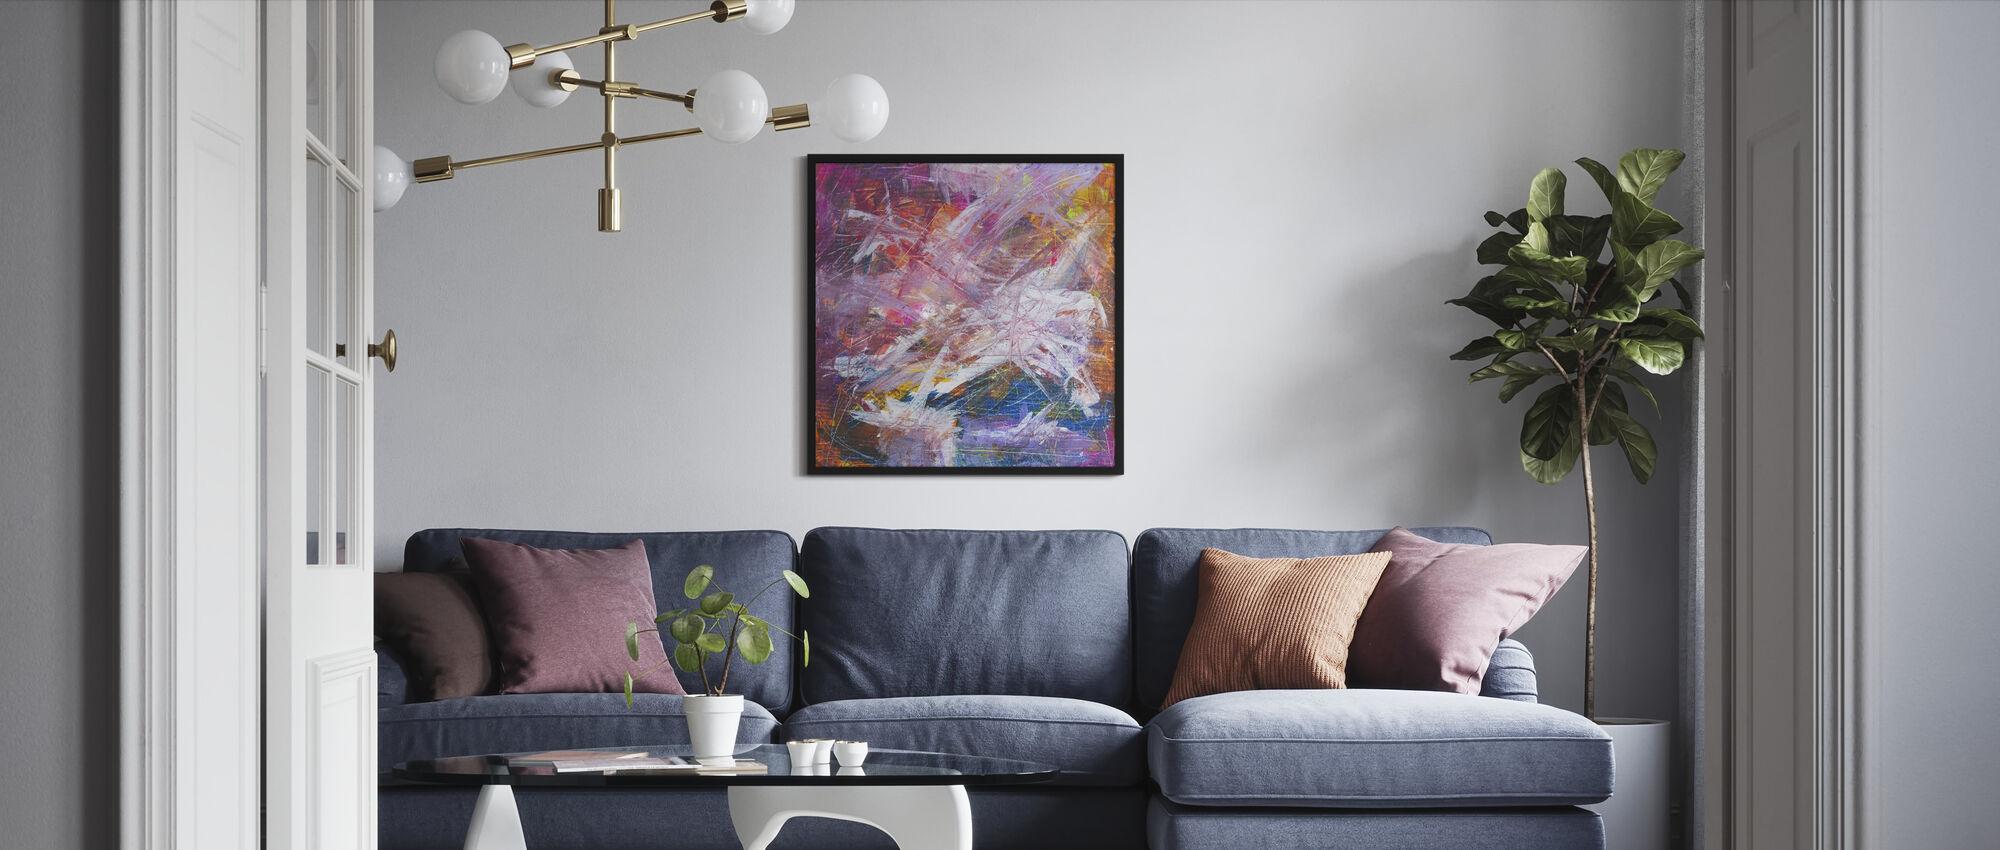 Abstrakt målning - Inramad tavla - Vardagsrum